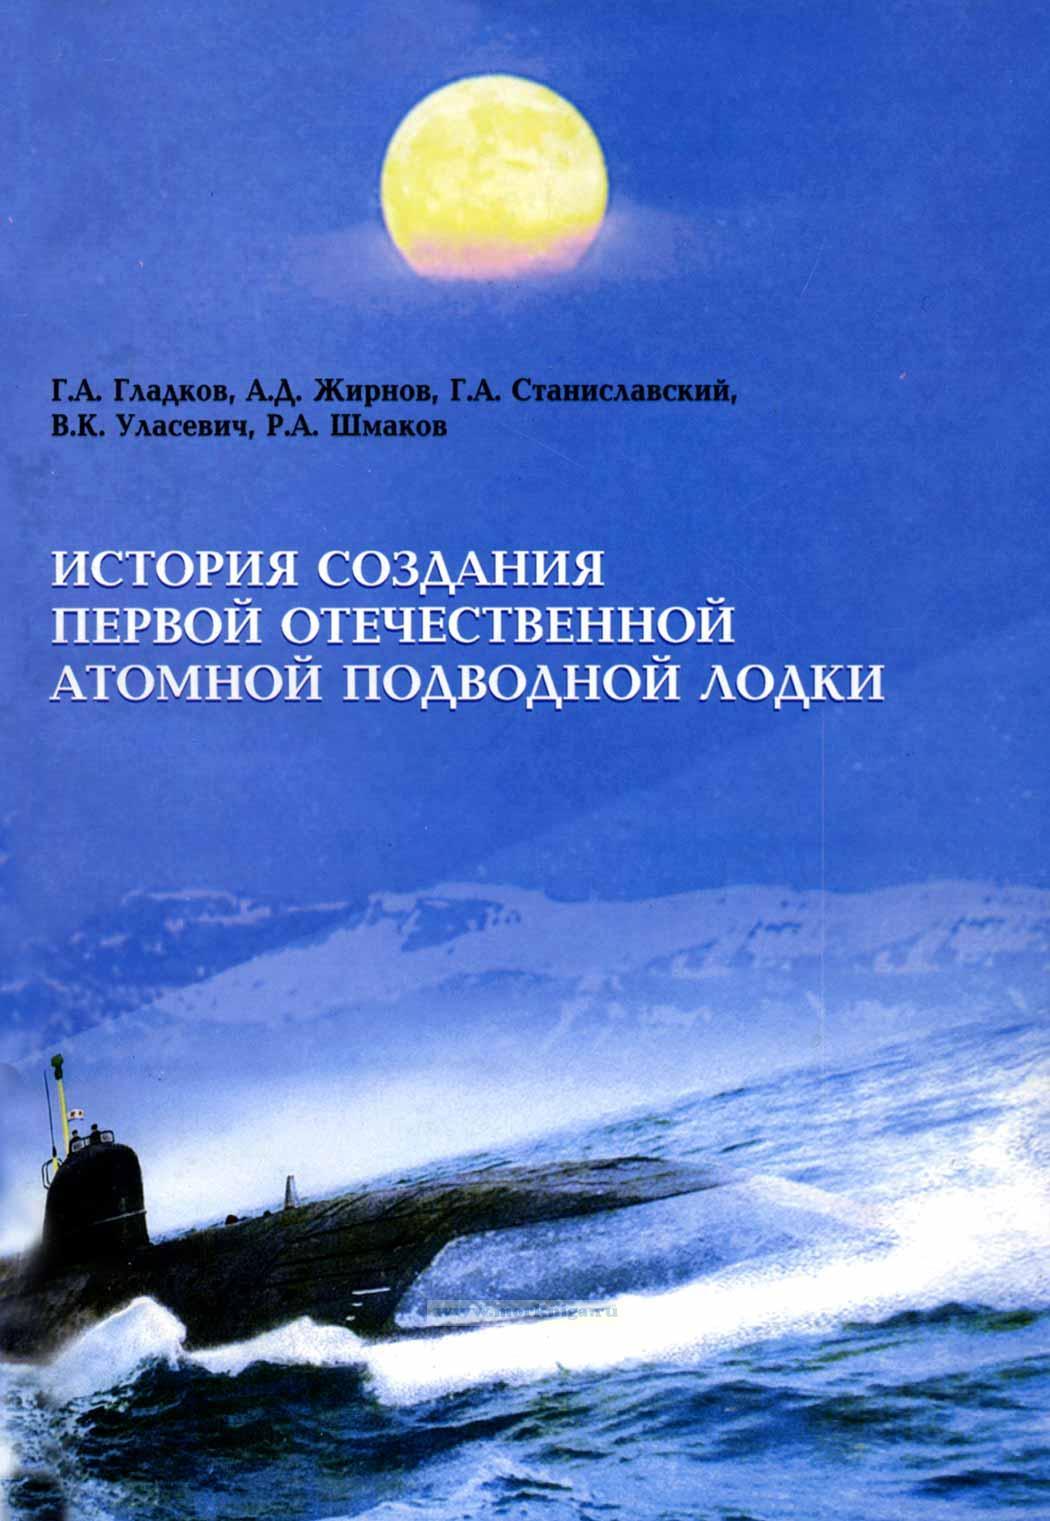 История создания первой отечественной атомной подводной лодки